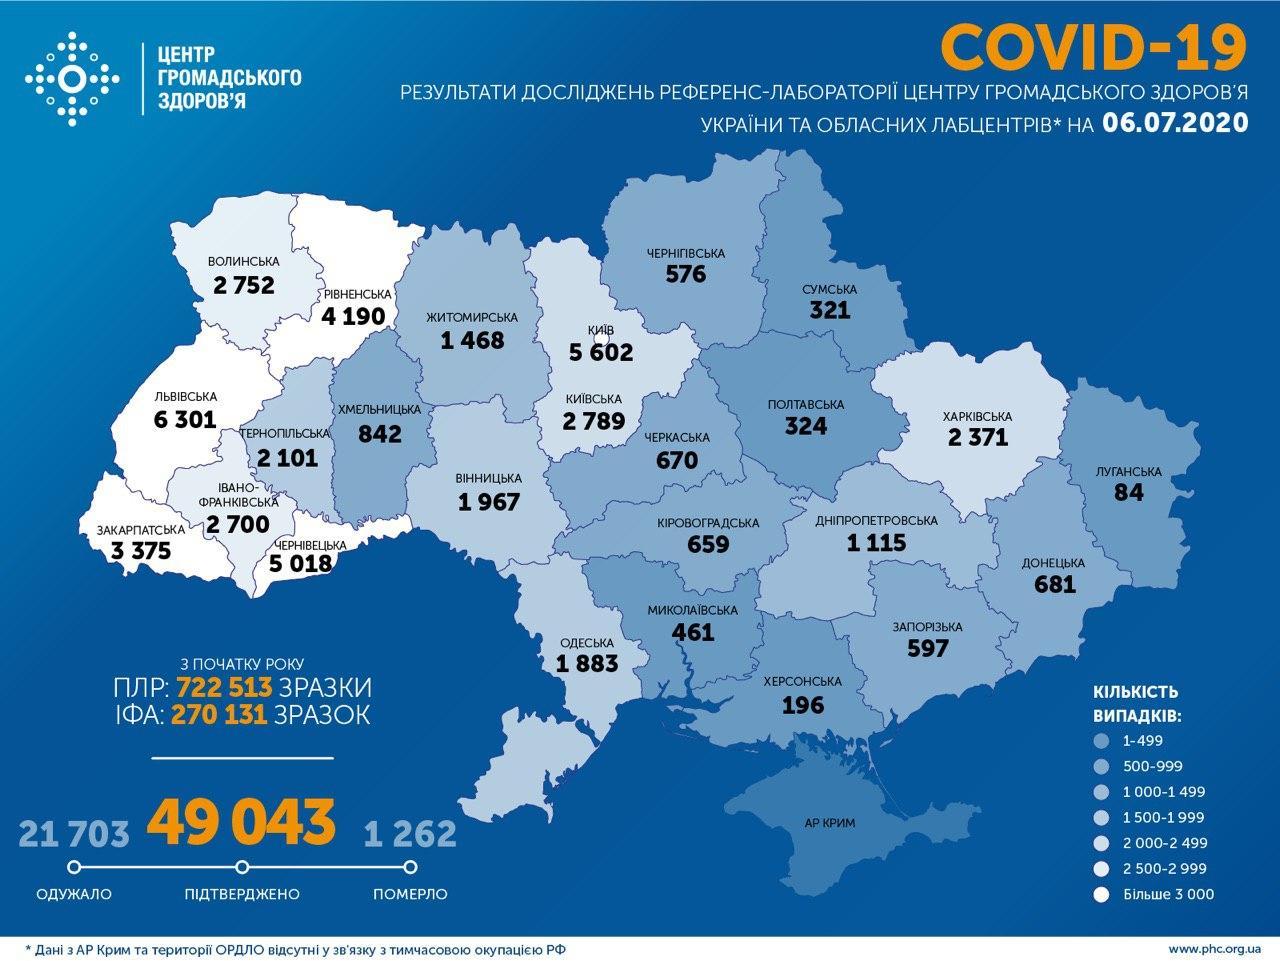 В Україні підтвердили 49 043 випадки COVID-19, за добу – 543